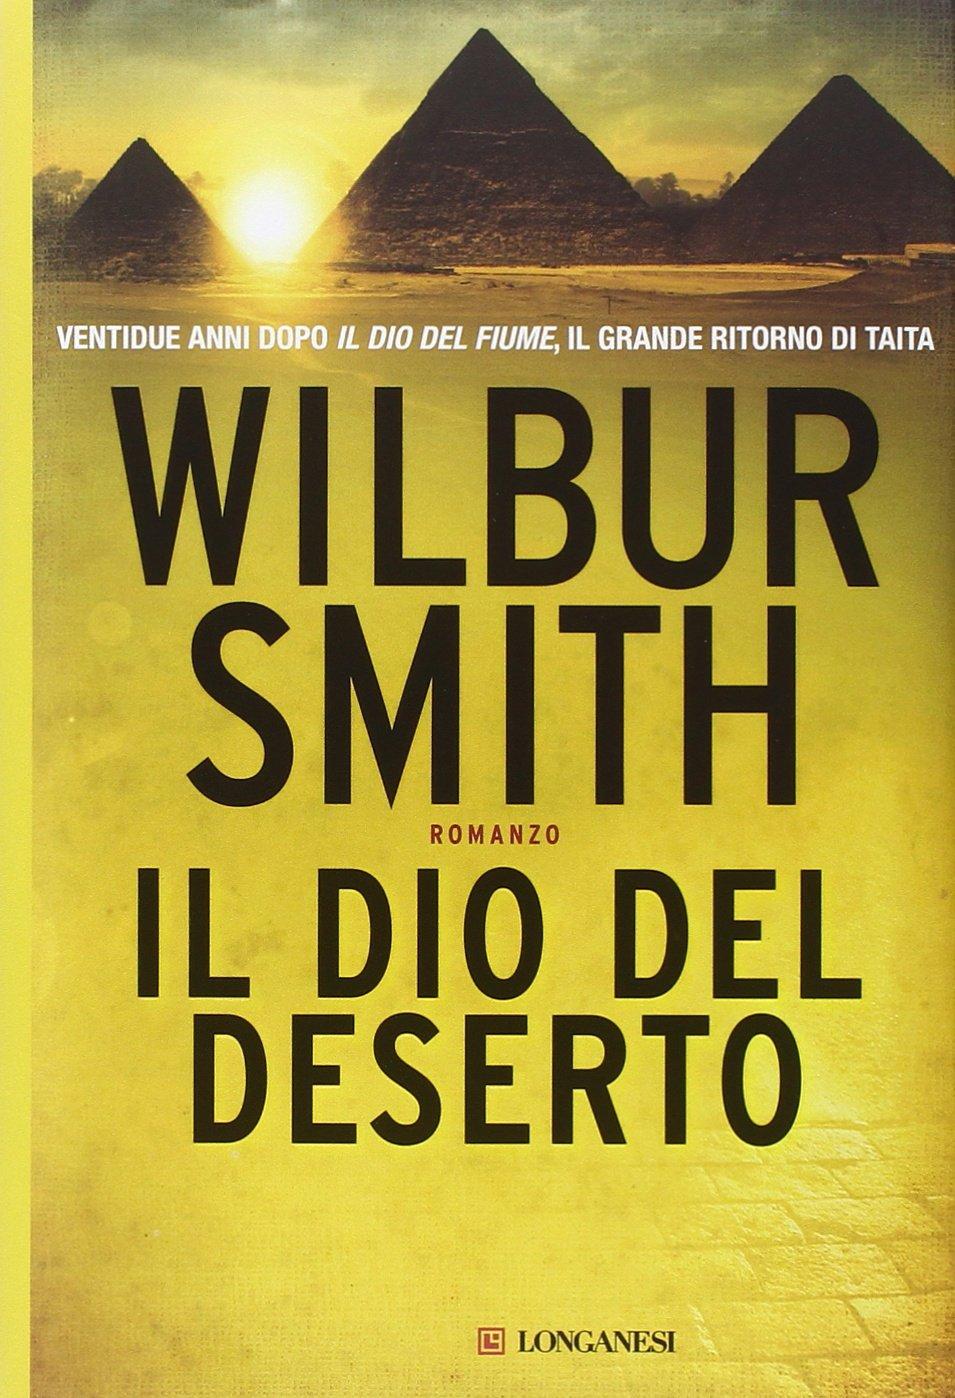 Il dio del deserto di Wilbur Smith